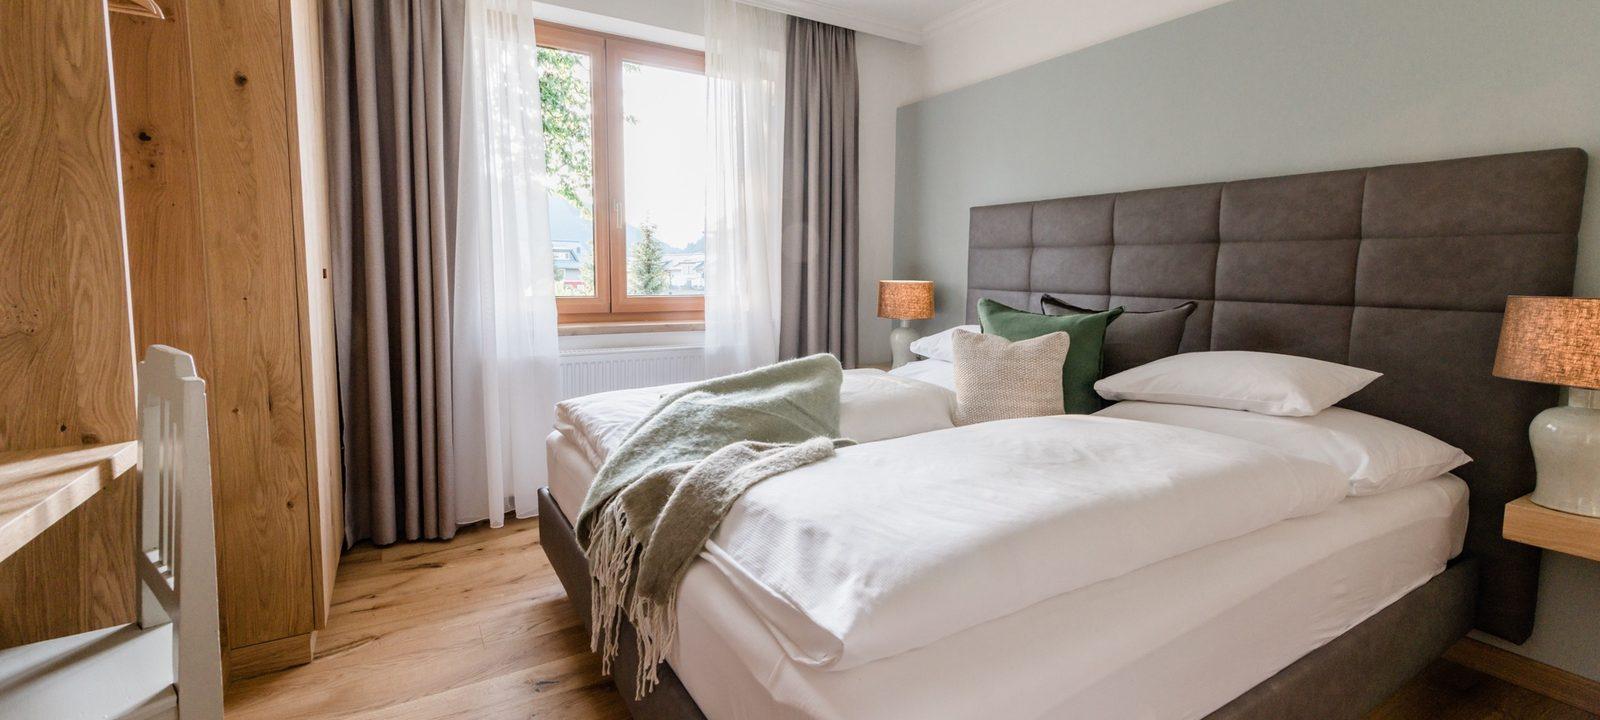 Landhaus Steiner Standard Doppelzimmer